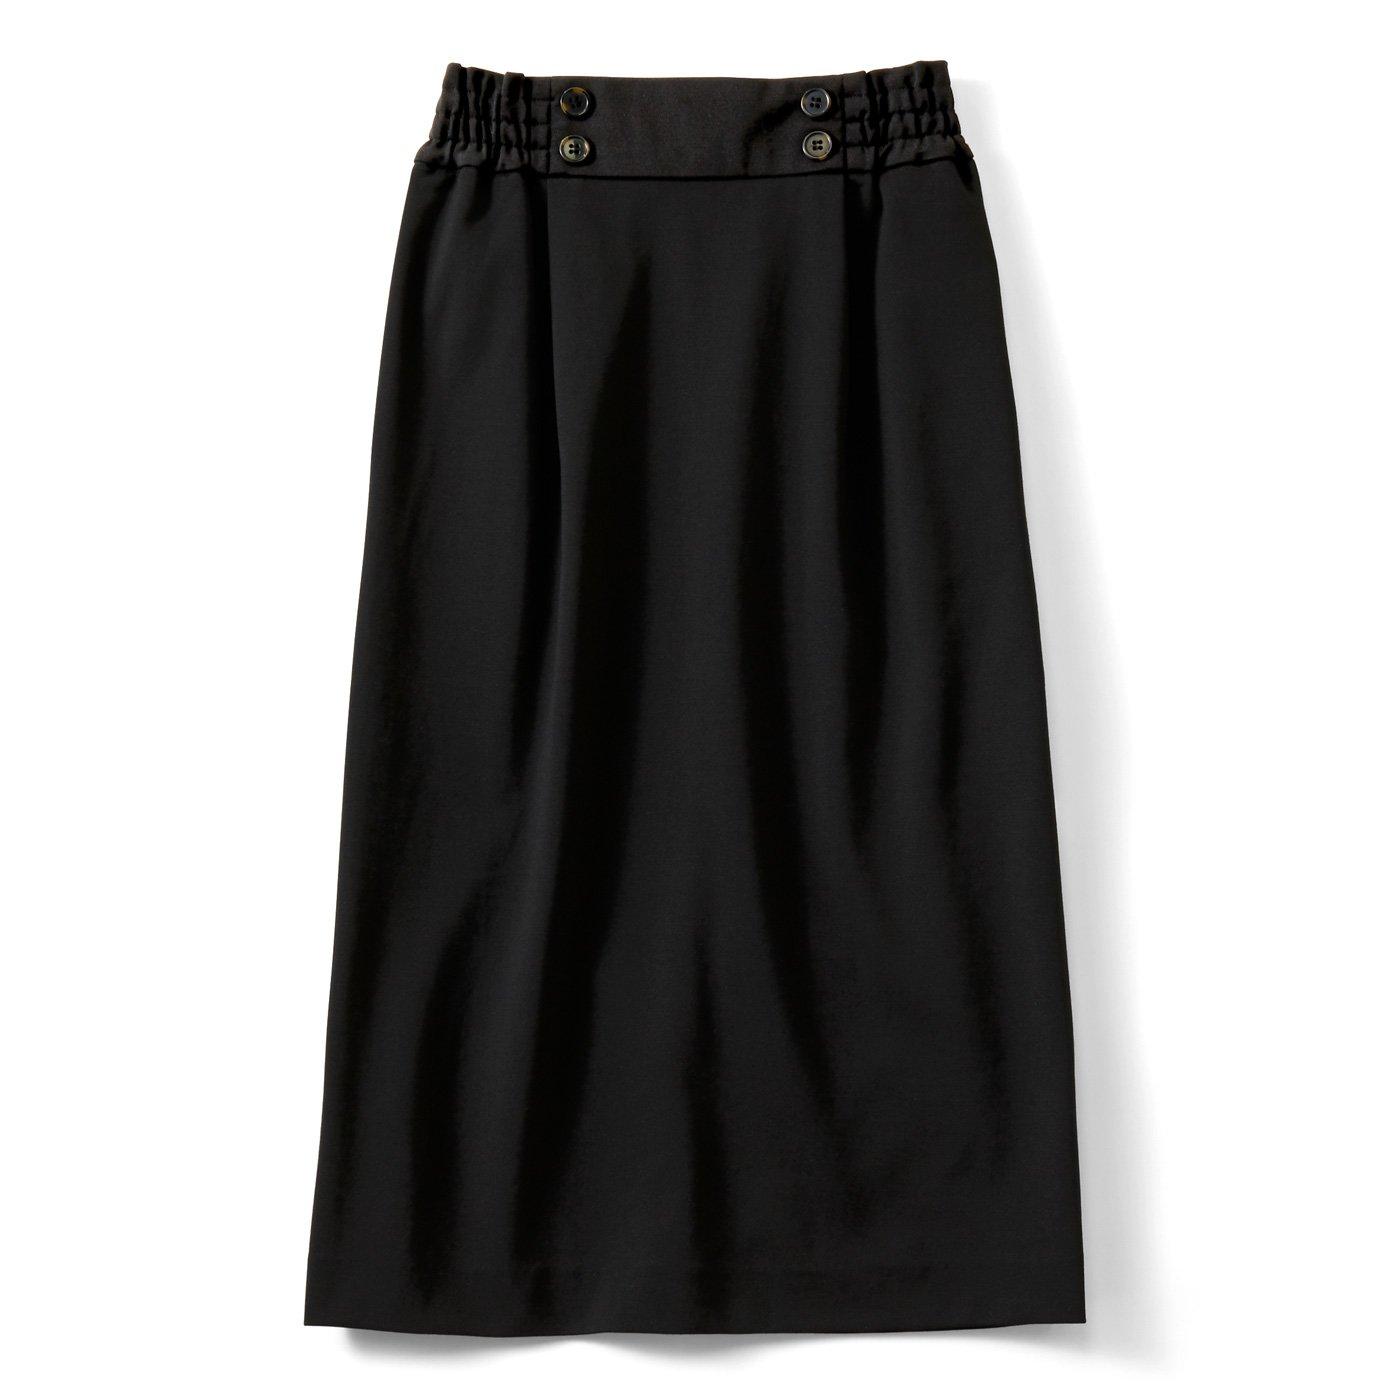 IEDIT[イディット] UV&抗菌防臭で安心 伸びやかできれいなバレエフィット(R)スカート〈ブラック〉